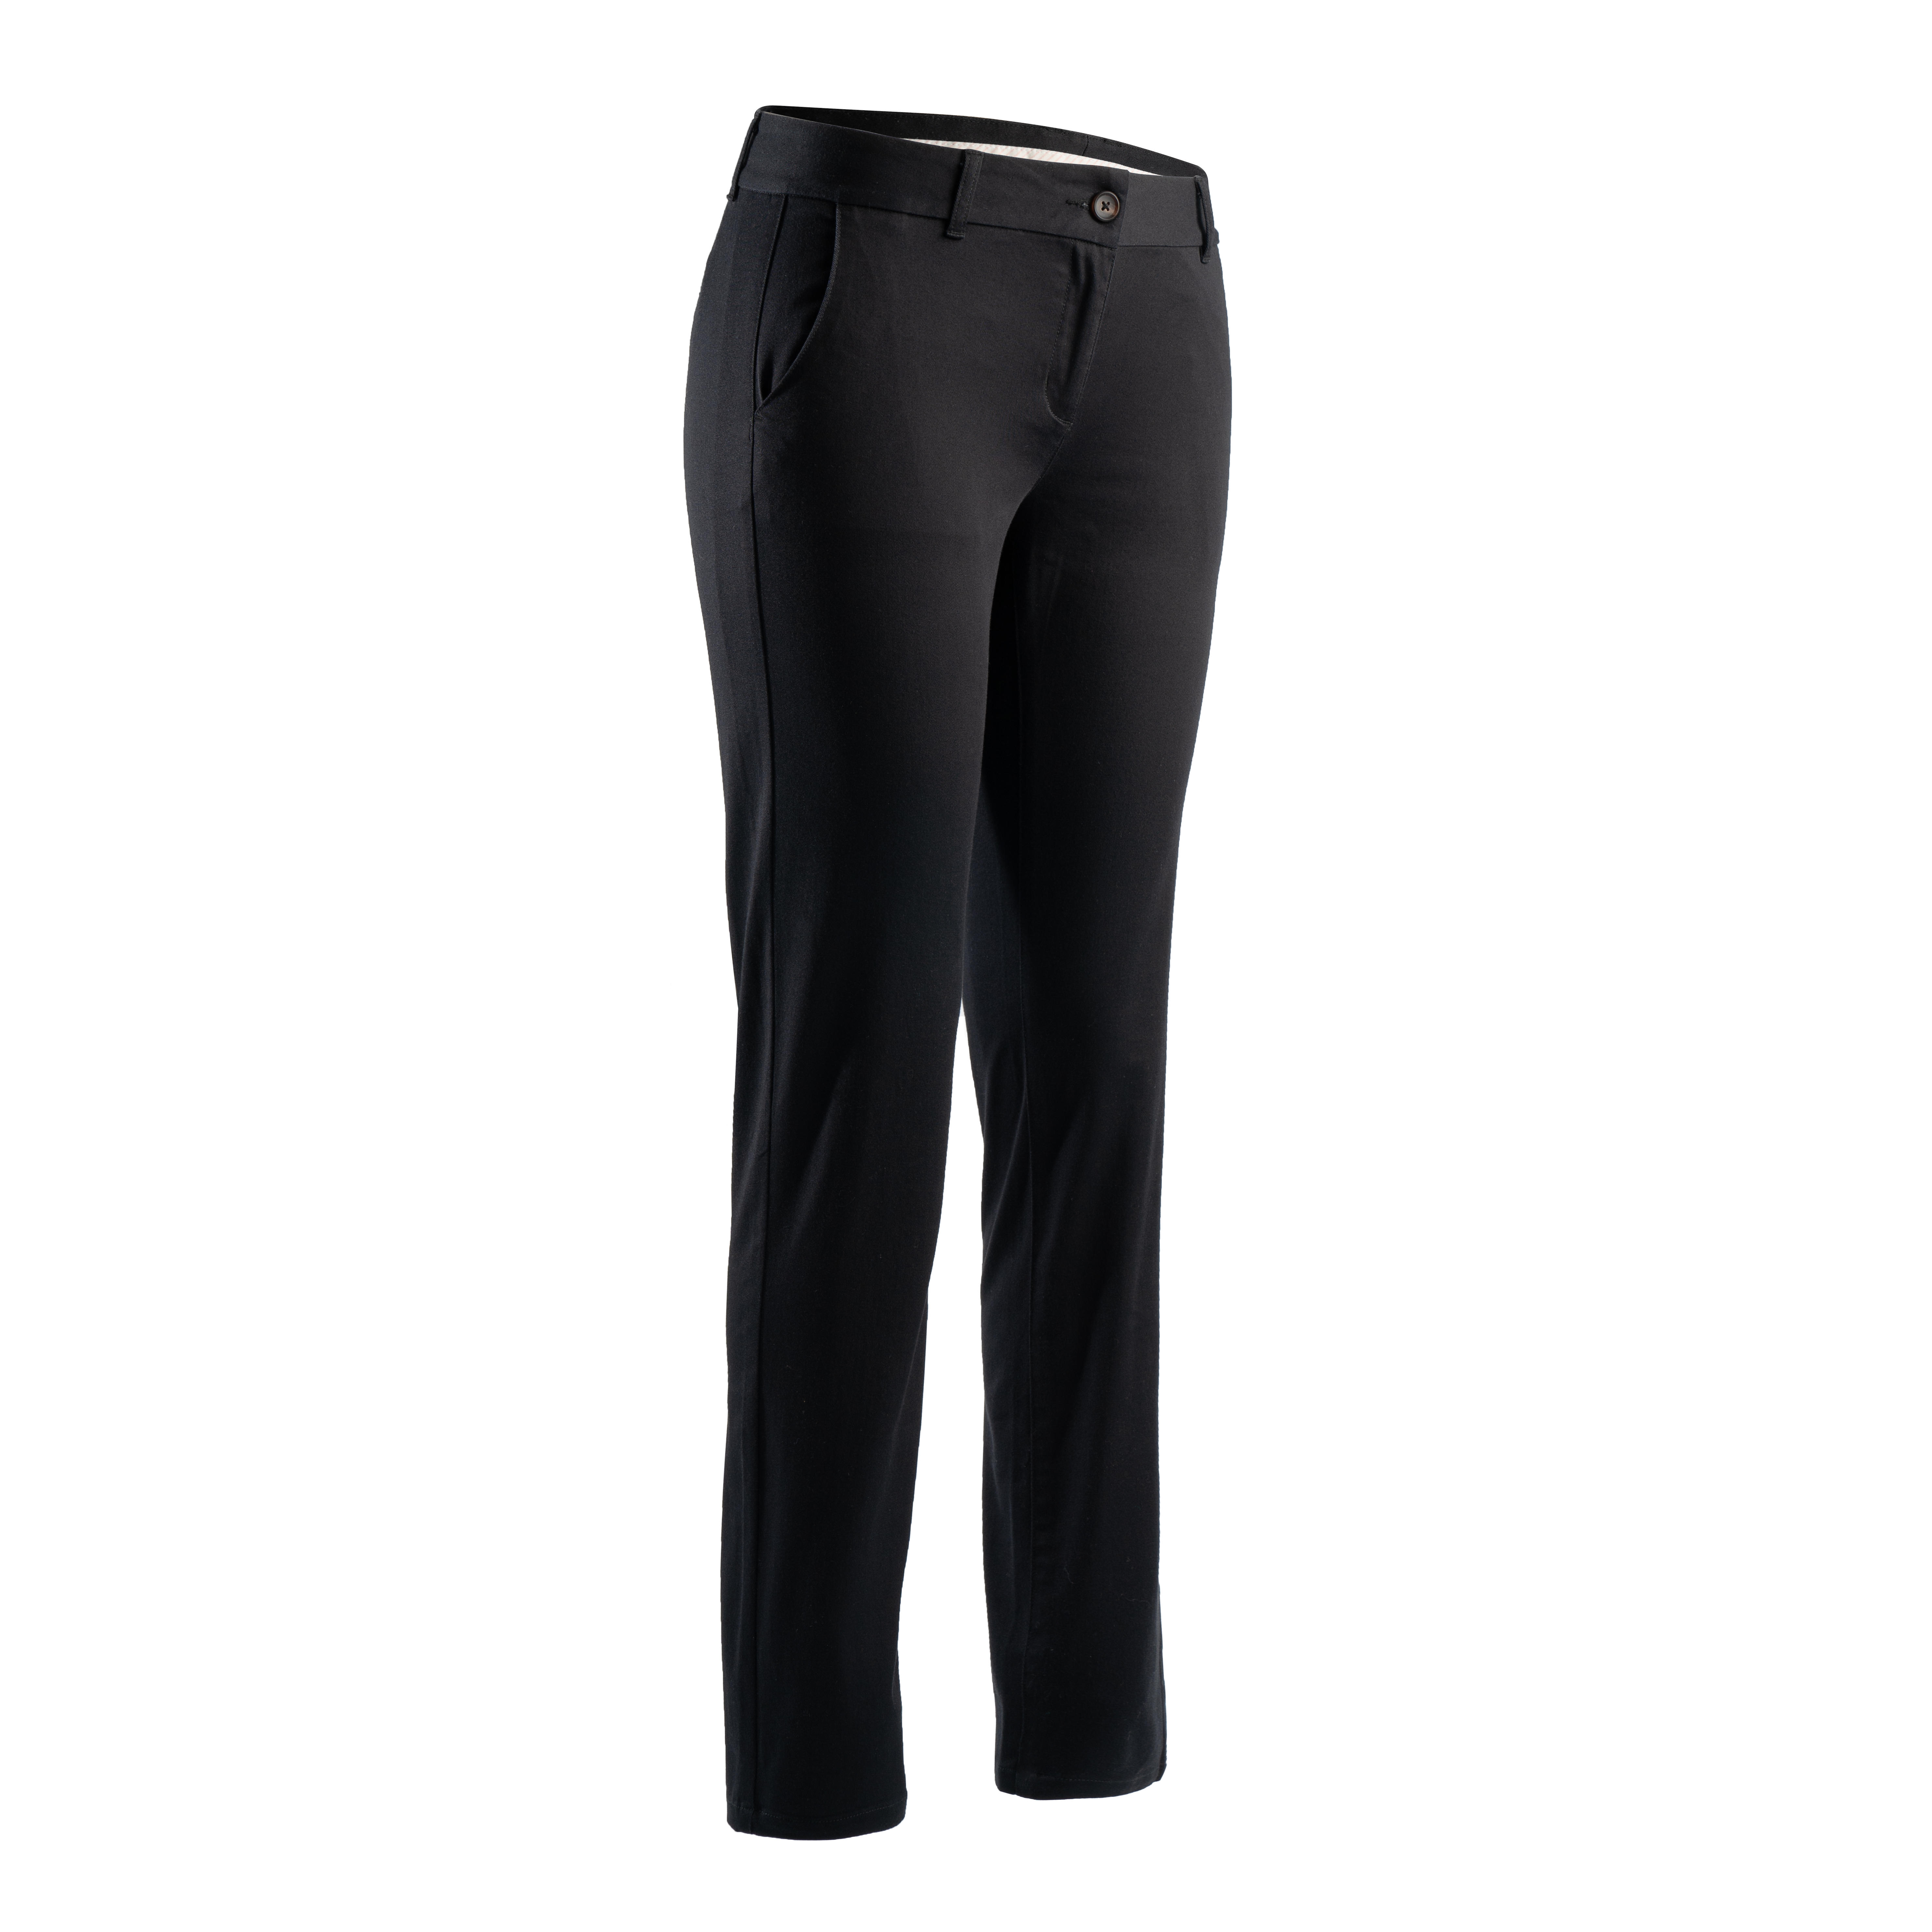 Pantalon Golf Negru Damă imagine